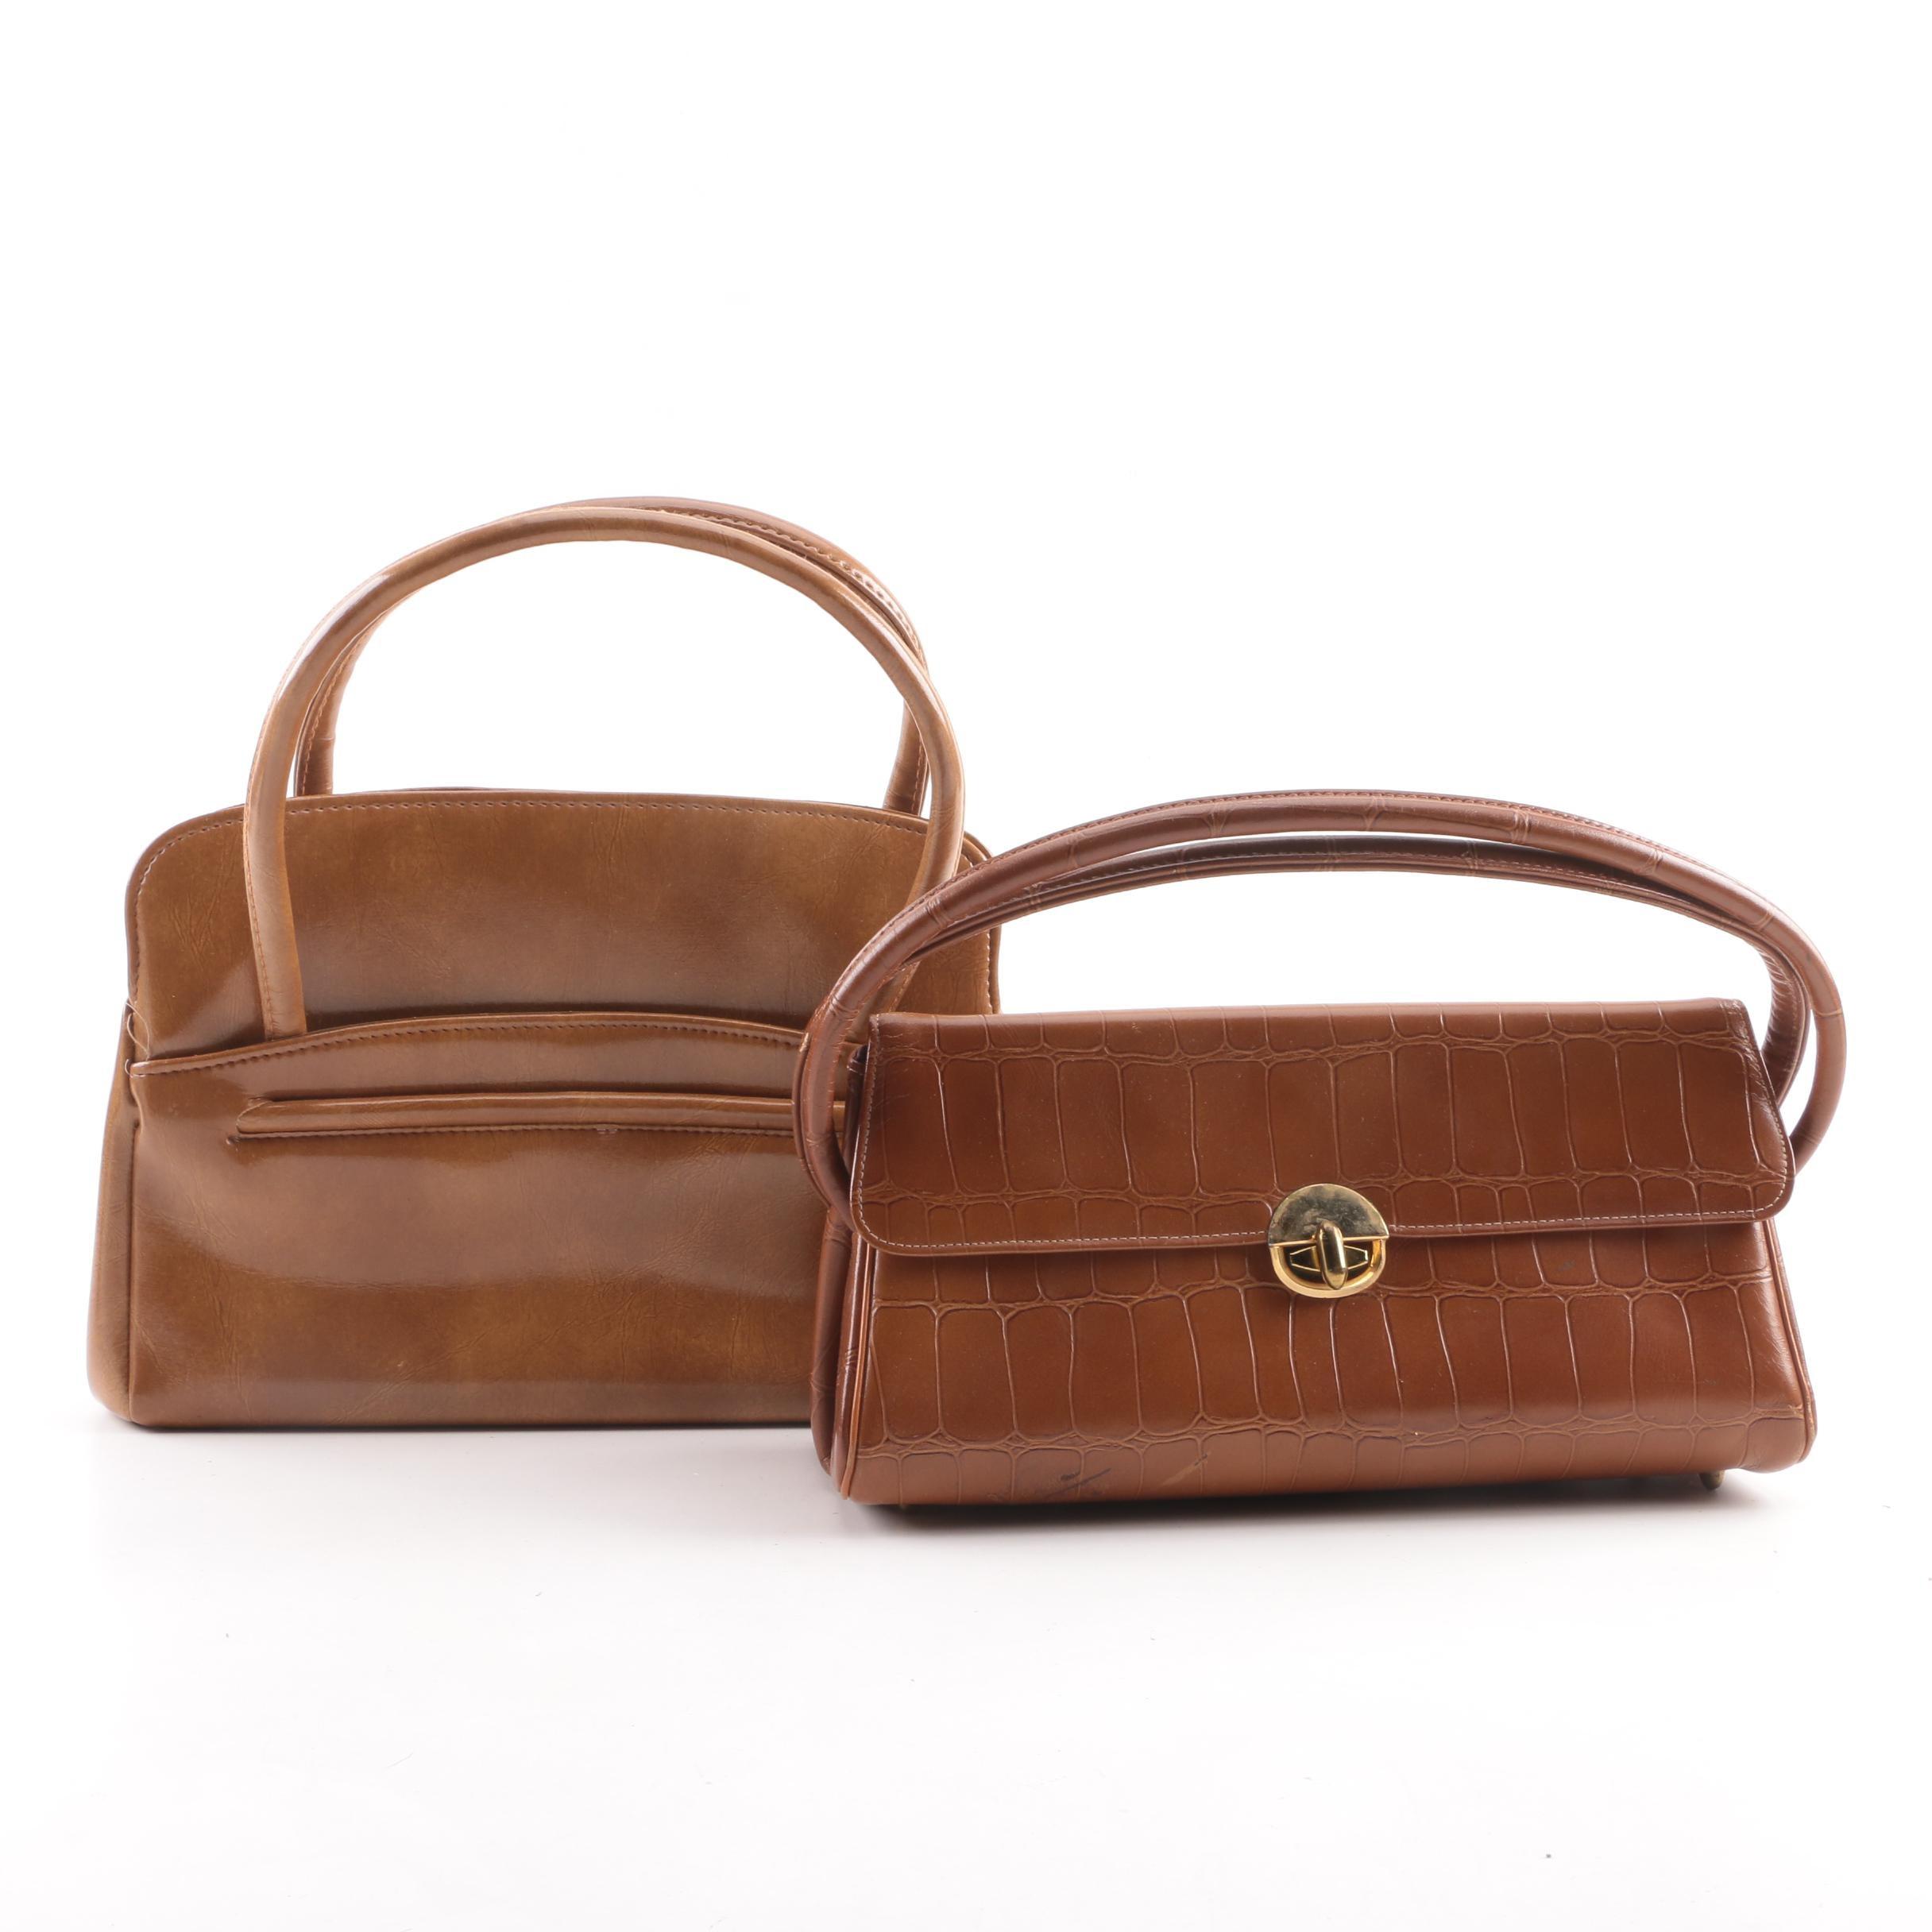 Vintage Brown Vinyl and Alligator Embossed Handbags